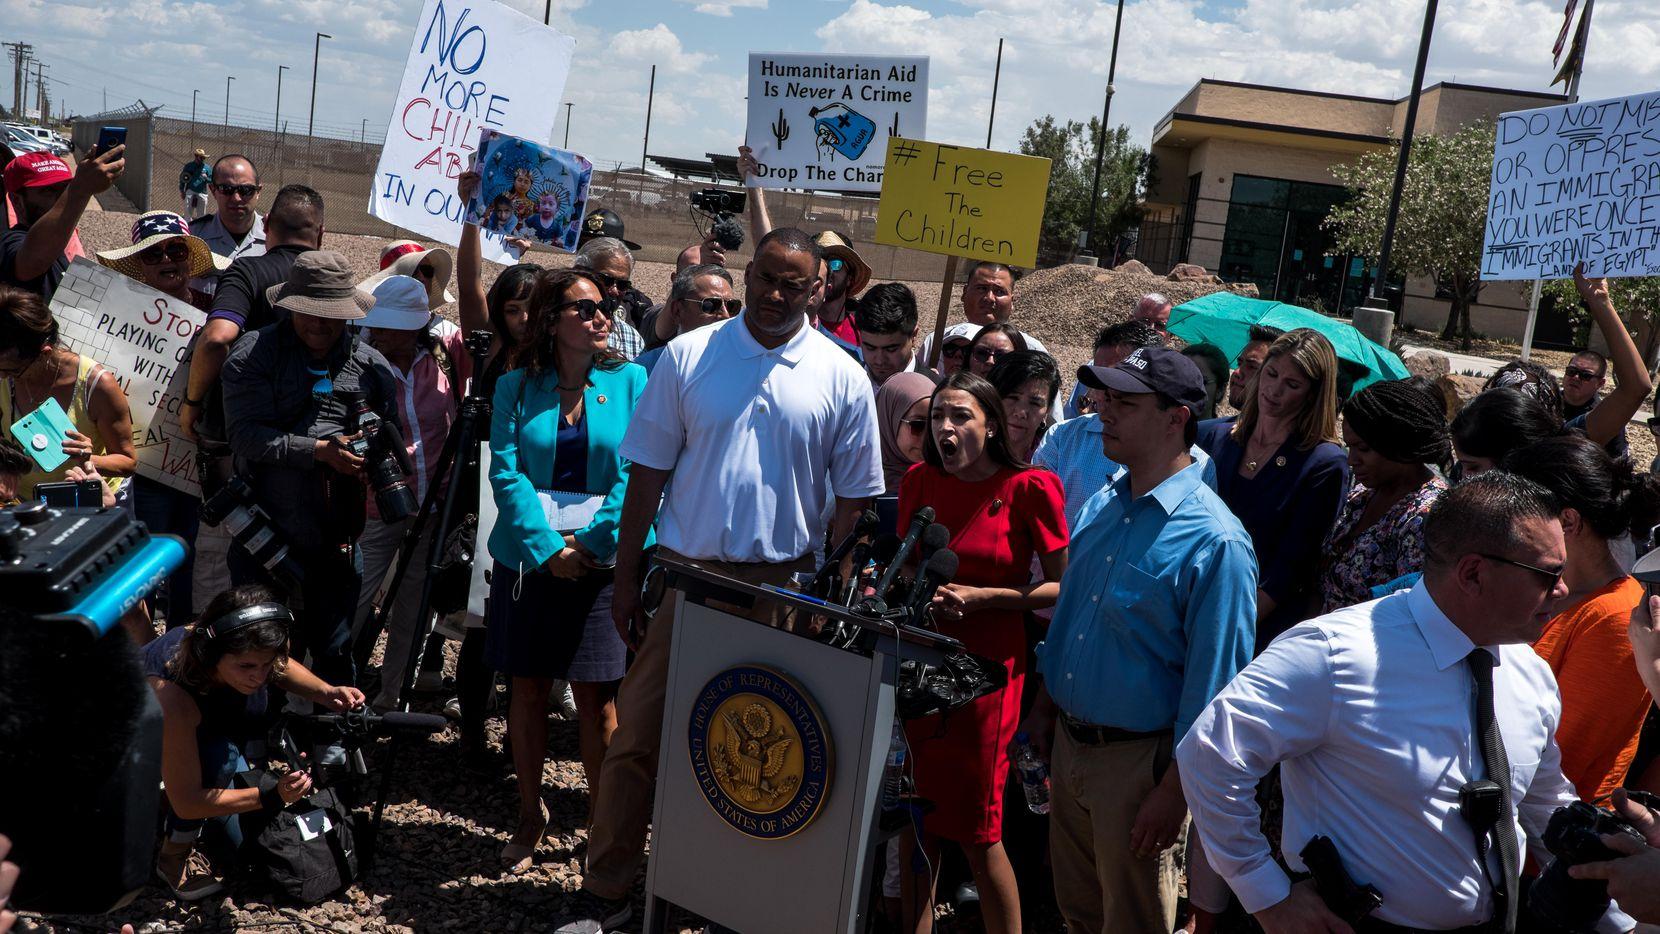 Varios congresistas visitaron el centro de detención de menores migrantes en Clint, Texas, entre ellos Mark Veasey de Dallas y Fort Worth Alexandria, Ocasio-Cortez de Nueva York, Verónica Escobar de El Paso. (ESPECIAL PARA DMN/JOEL ÁNGEL JUÁREZ)